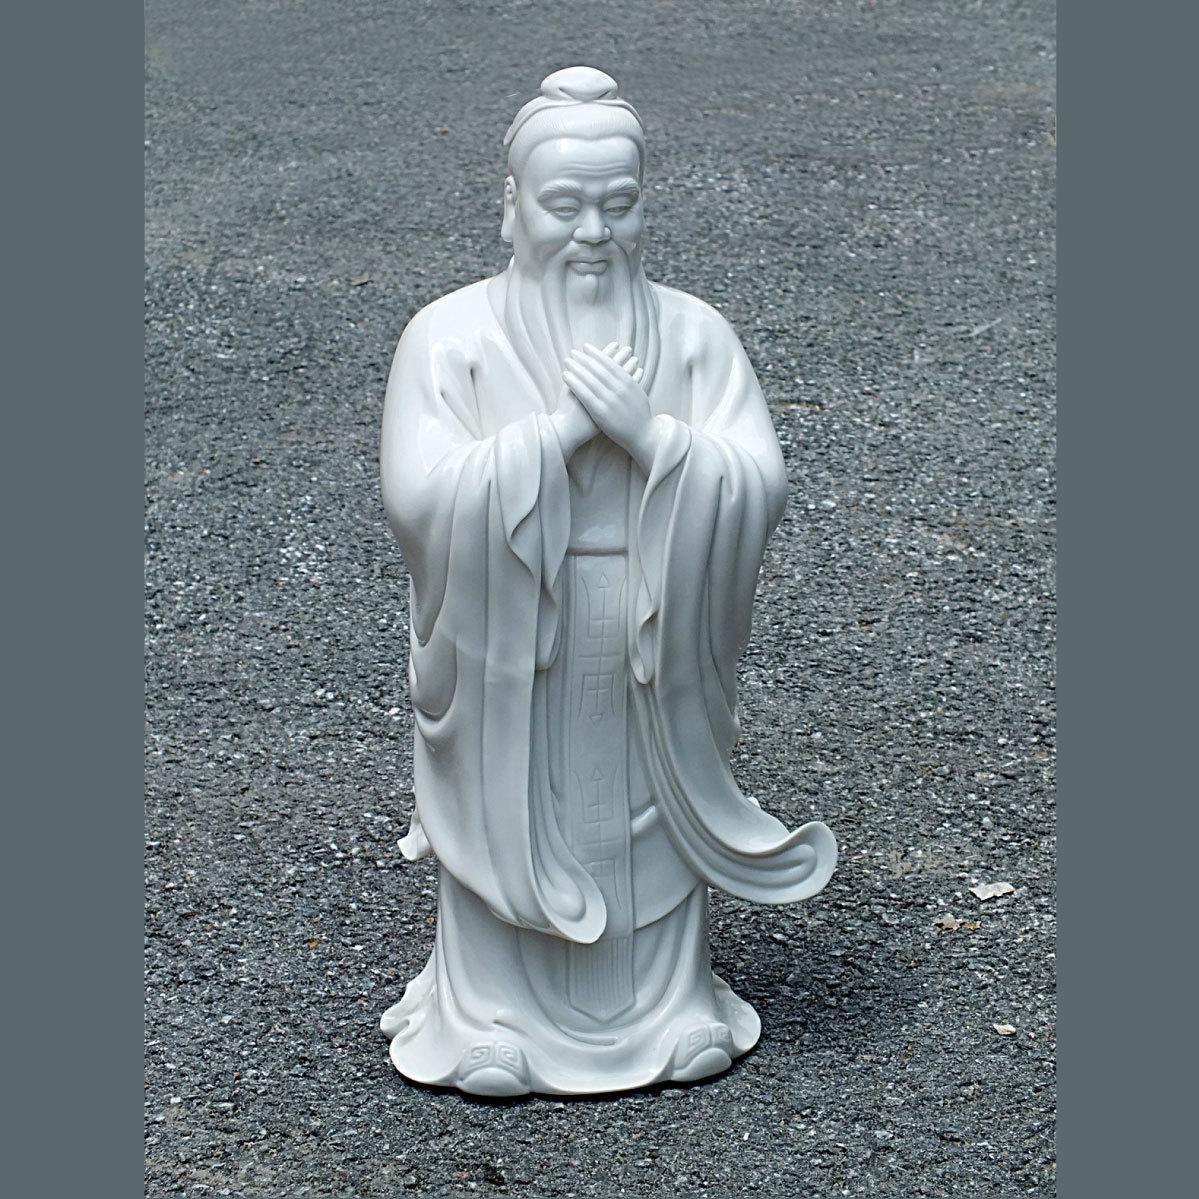 孔子像     汉白玉孔子雕像     石雕孔子     孔子雕刻     校园雕塑